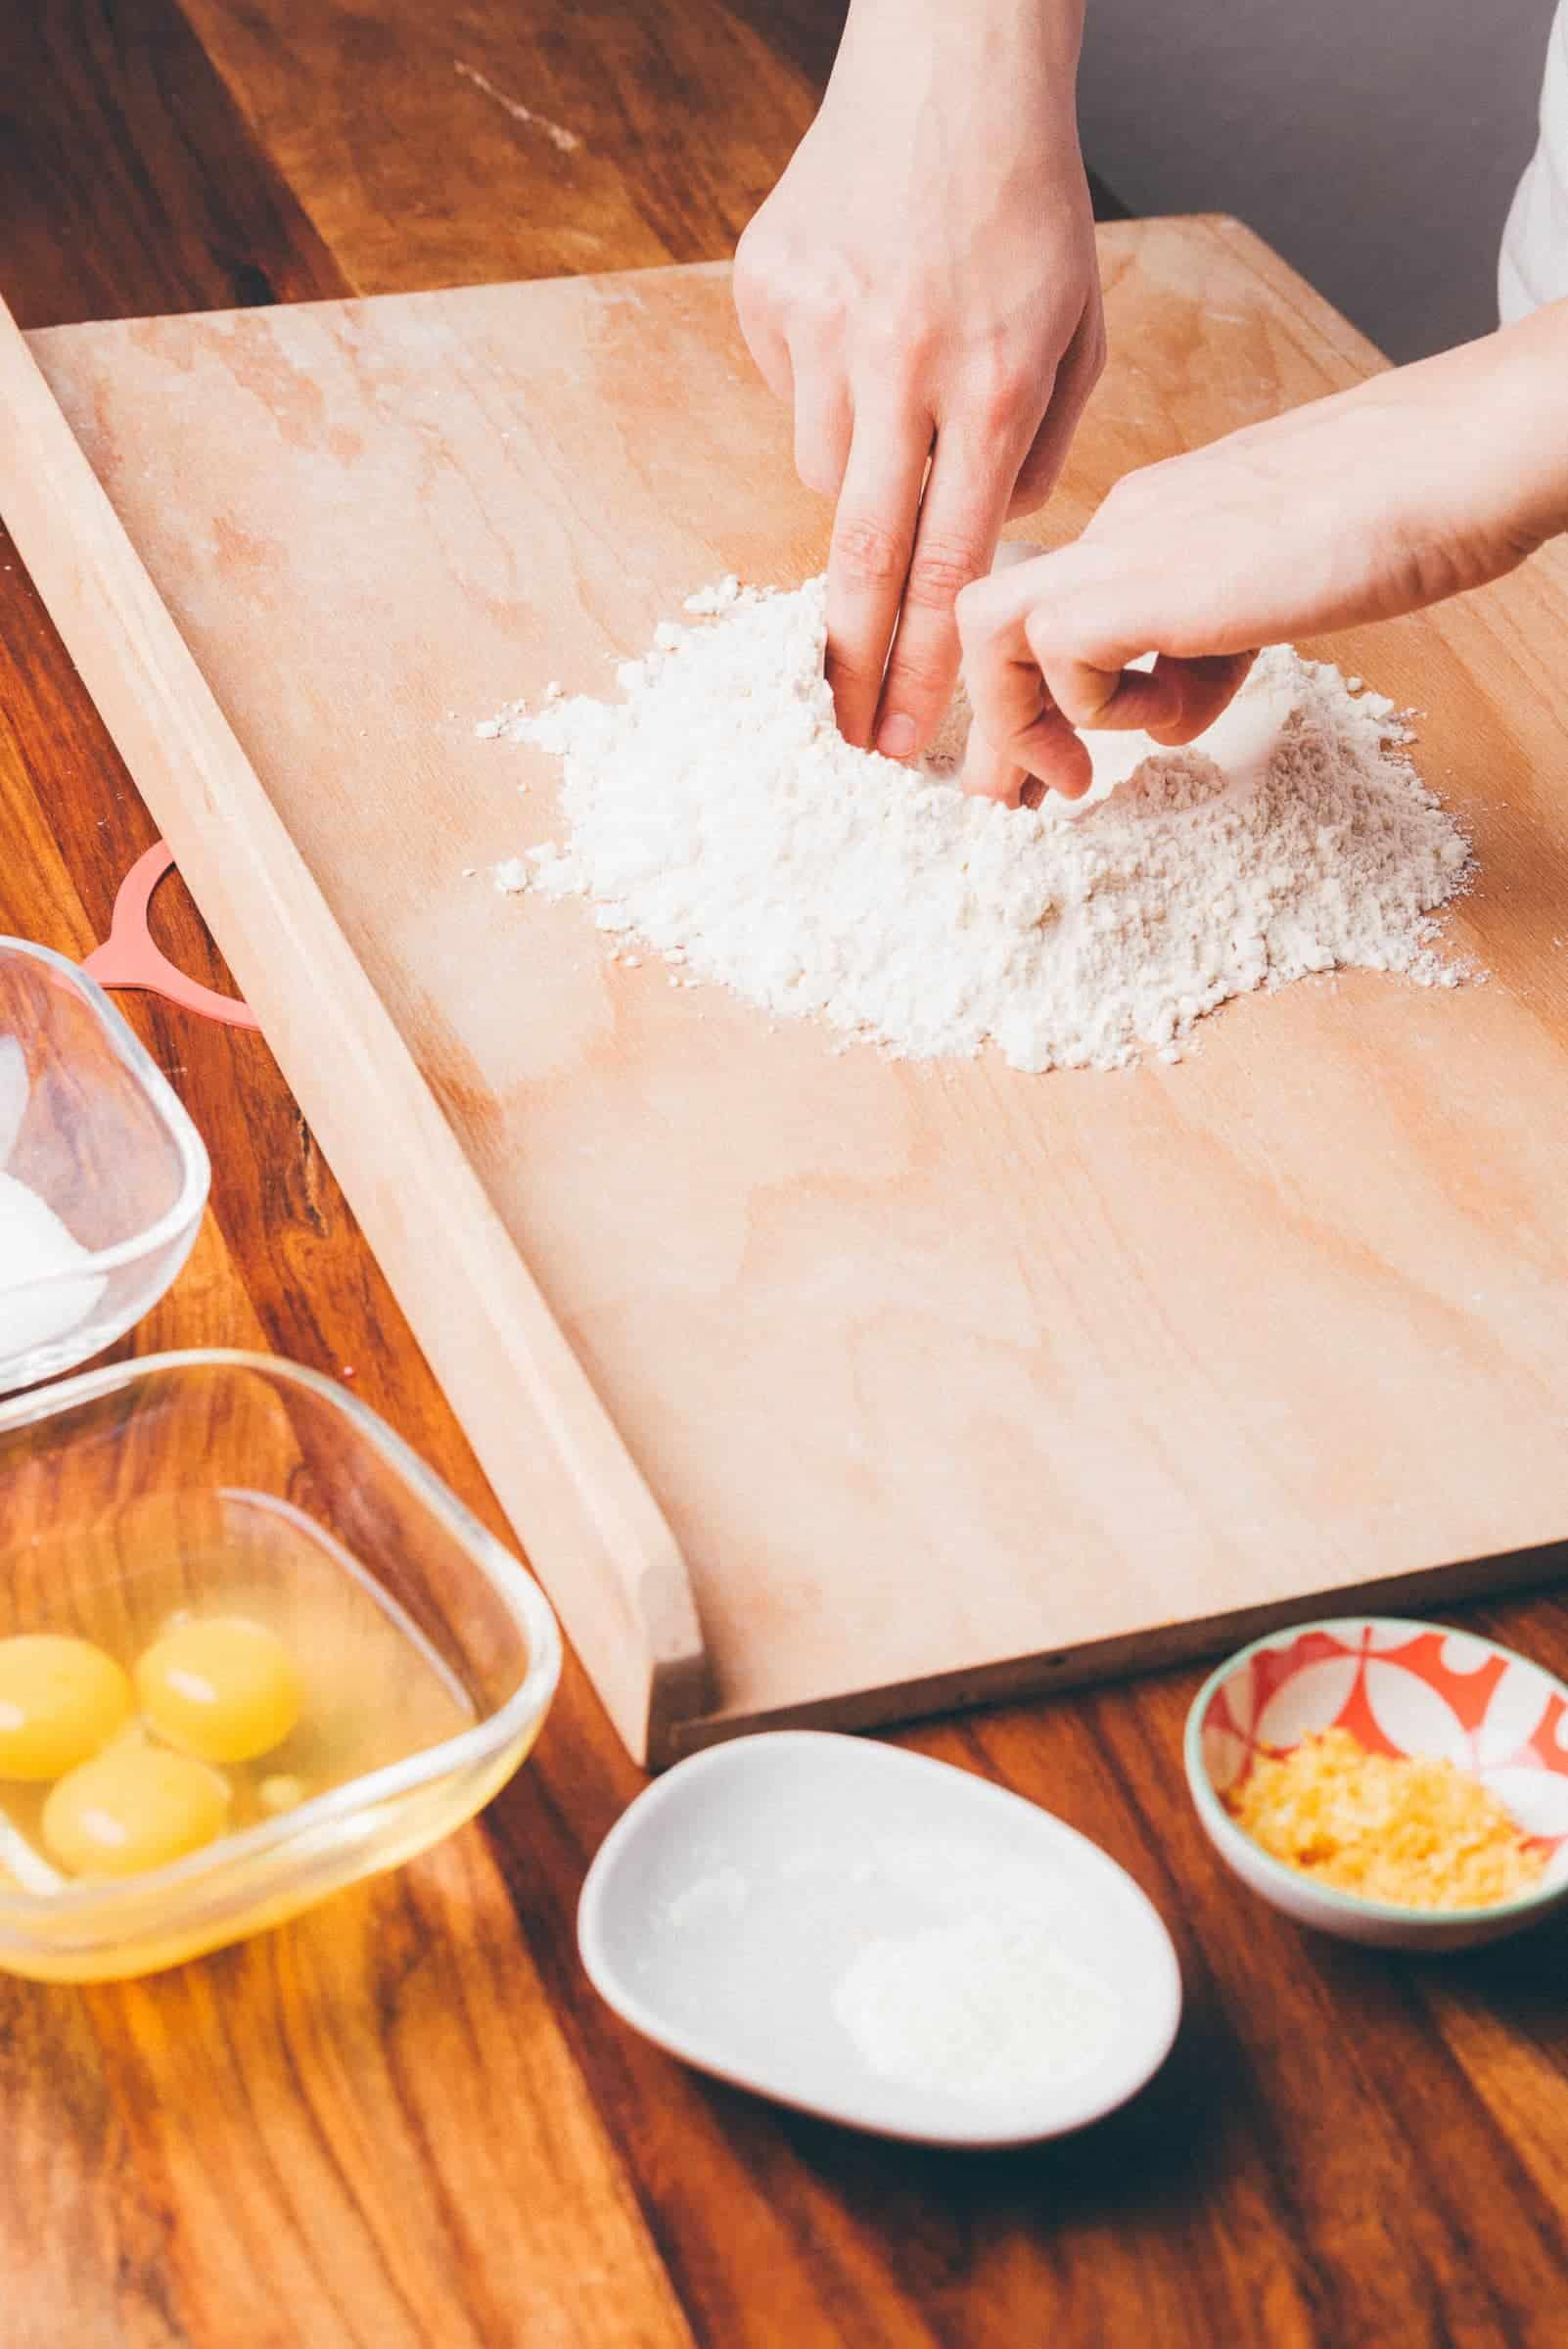 Ciambella di Pasqua marchigiana ricetta prep. 03 GnamAm